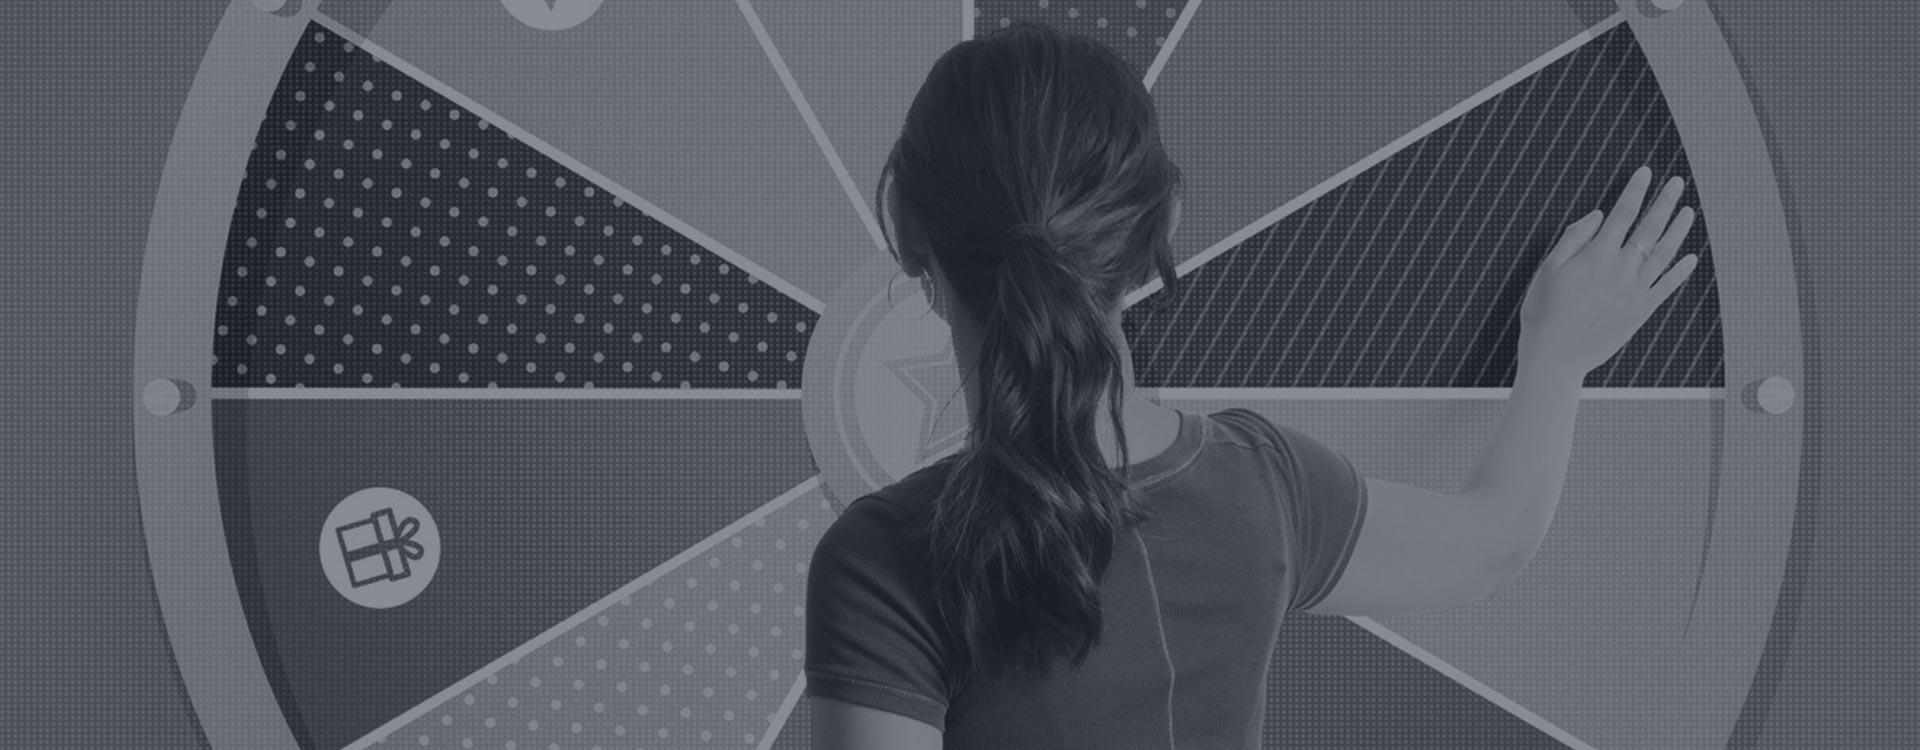 femme de dos jouant sur une roue de fortune numérique